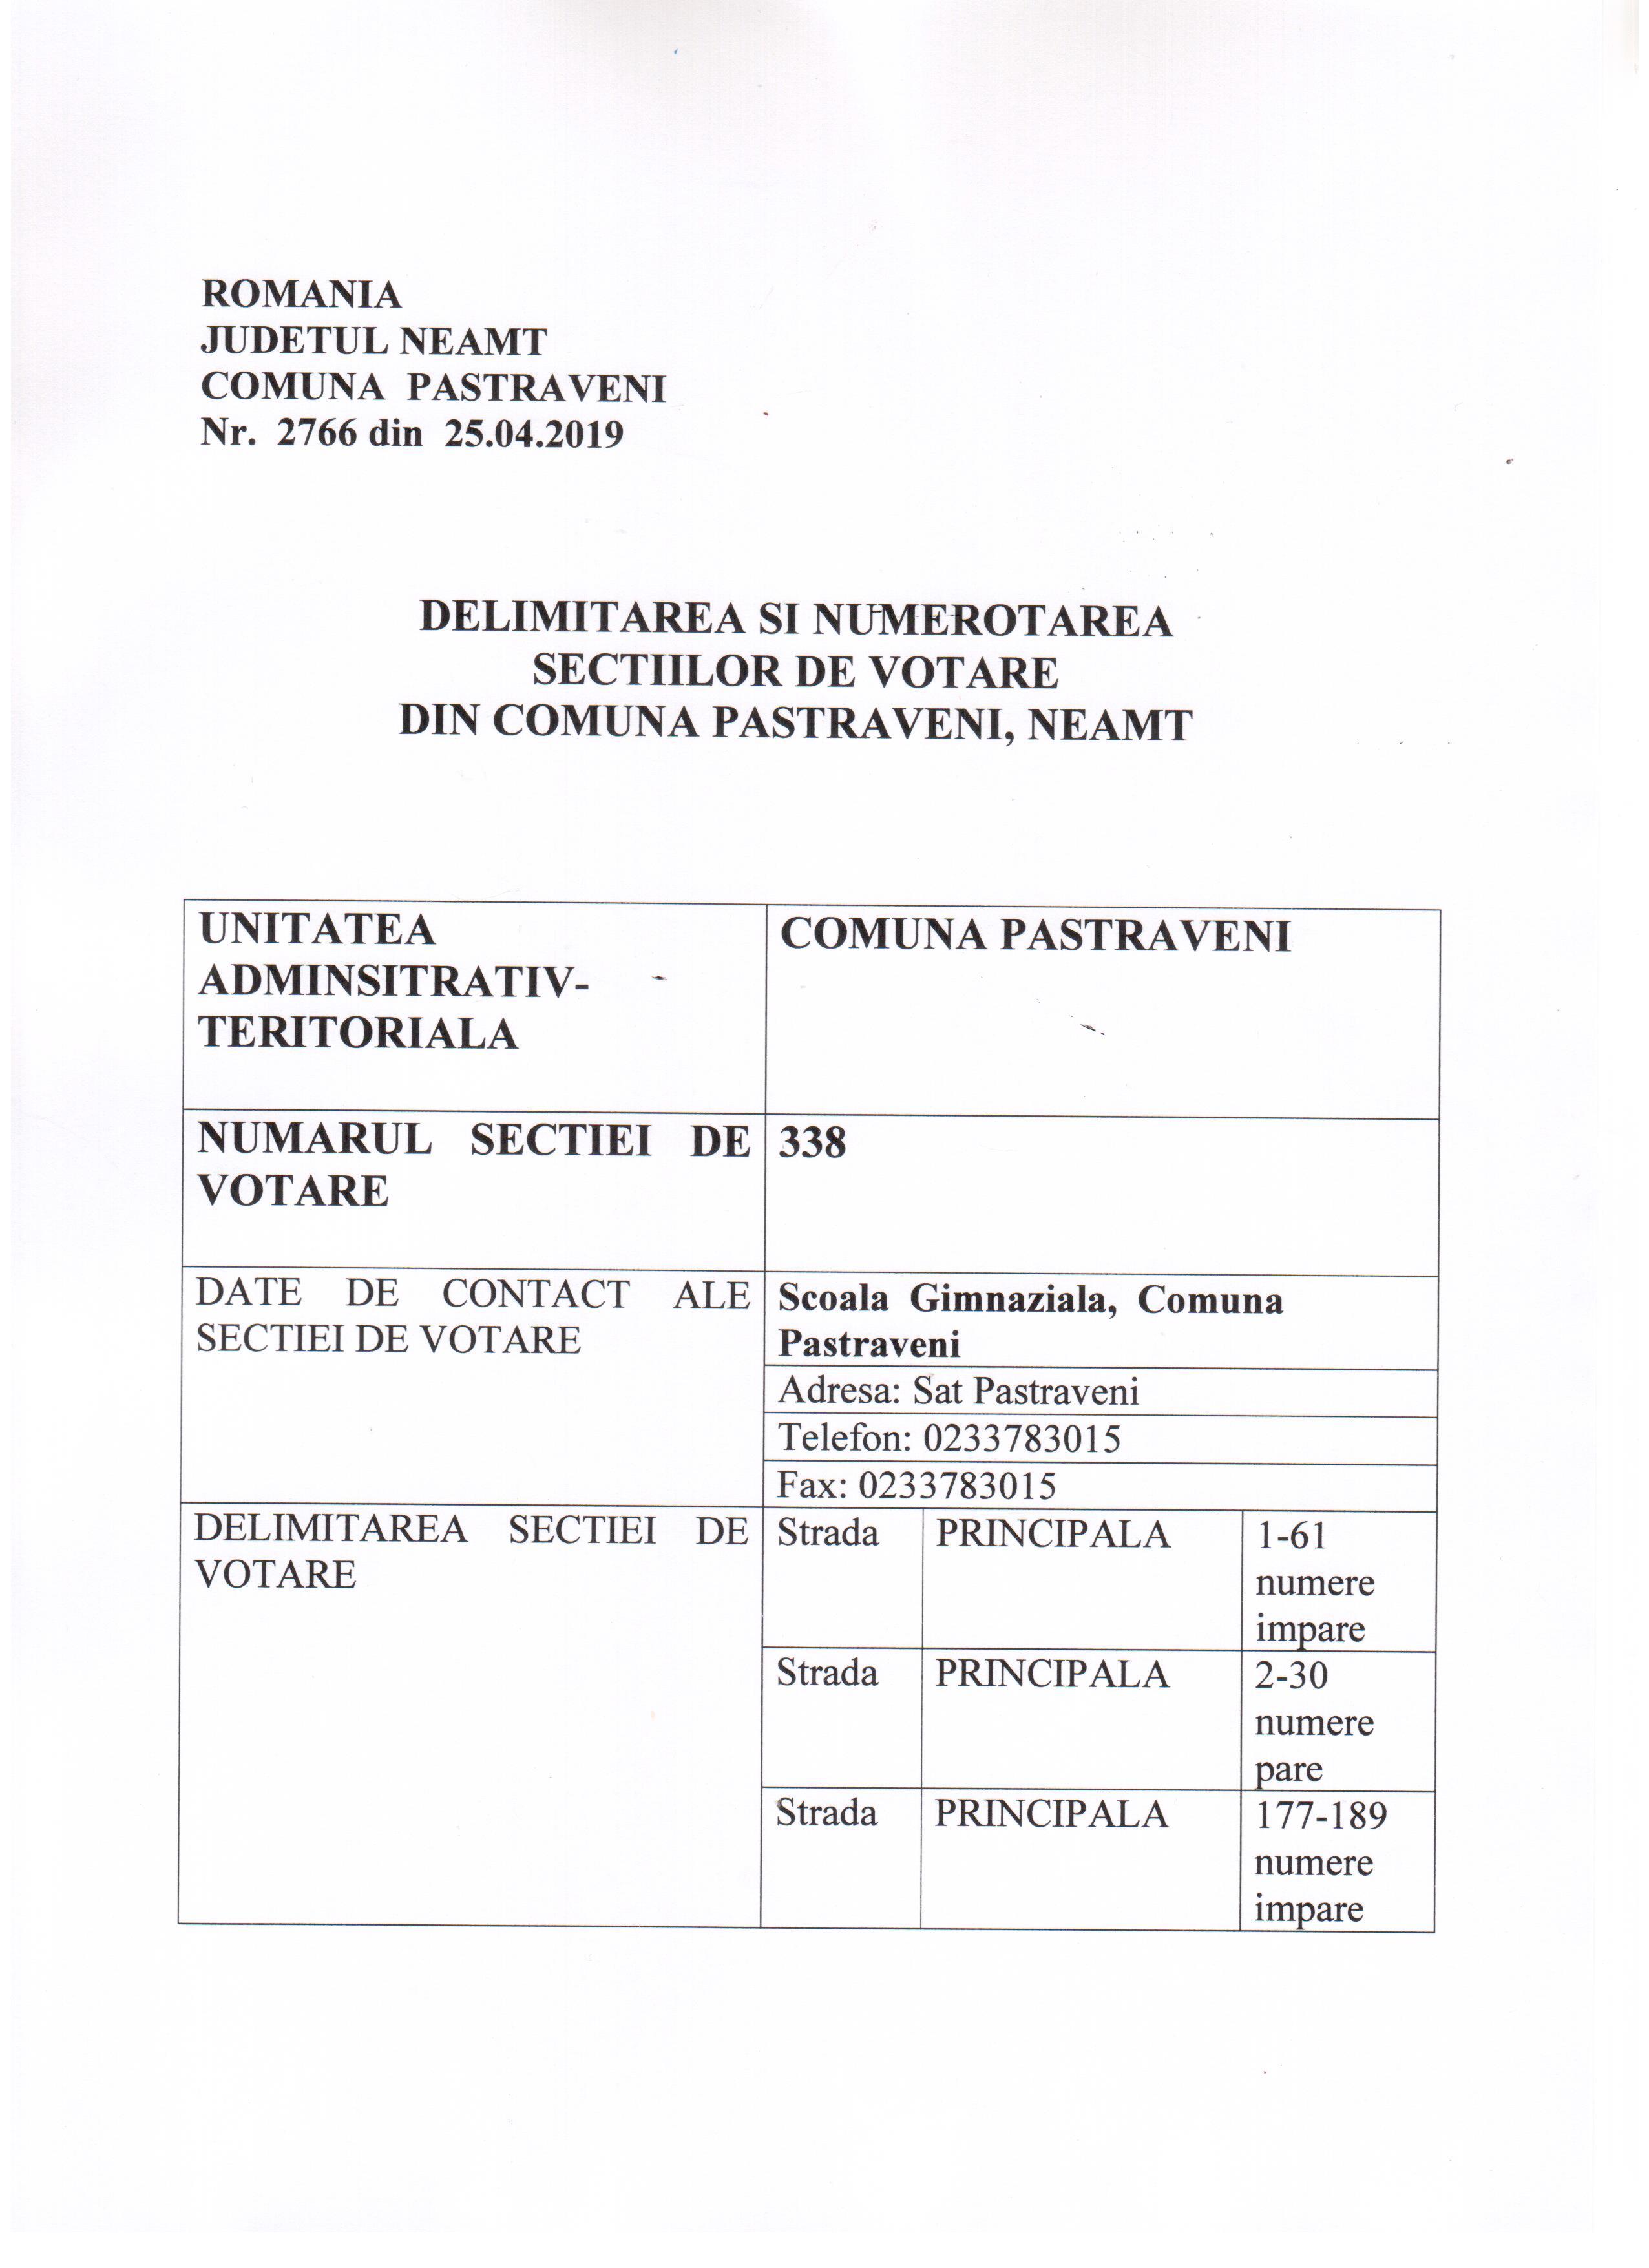 numerotare sectii votare 1